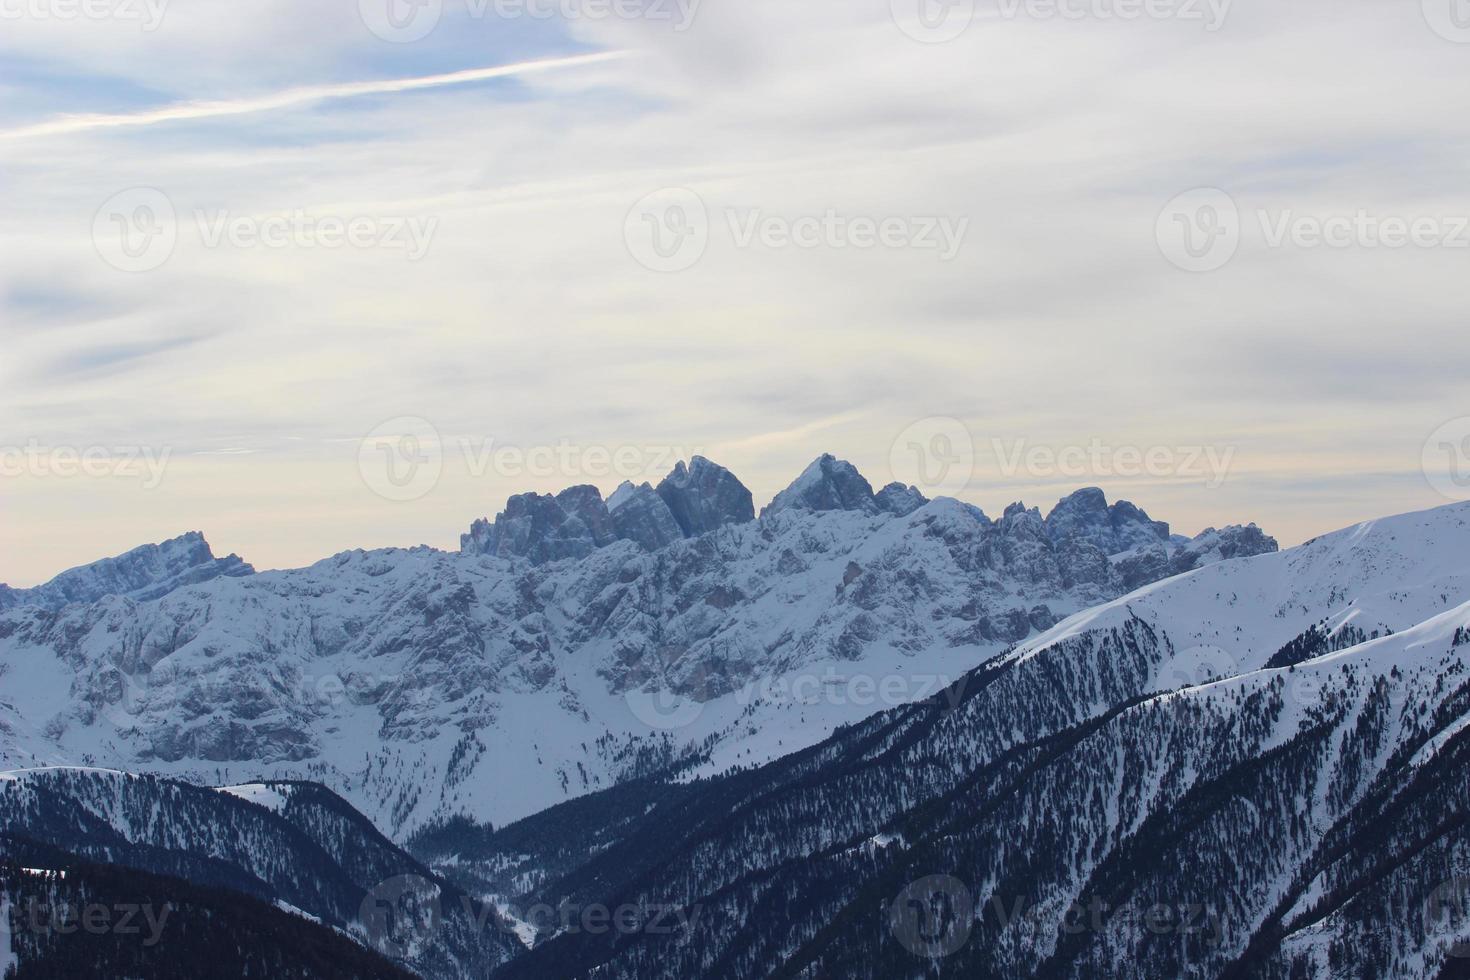 montagne enneigée et ciel dans les alpes photo